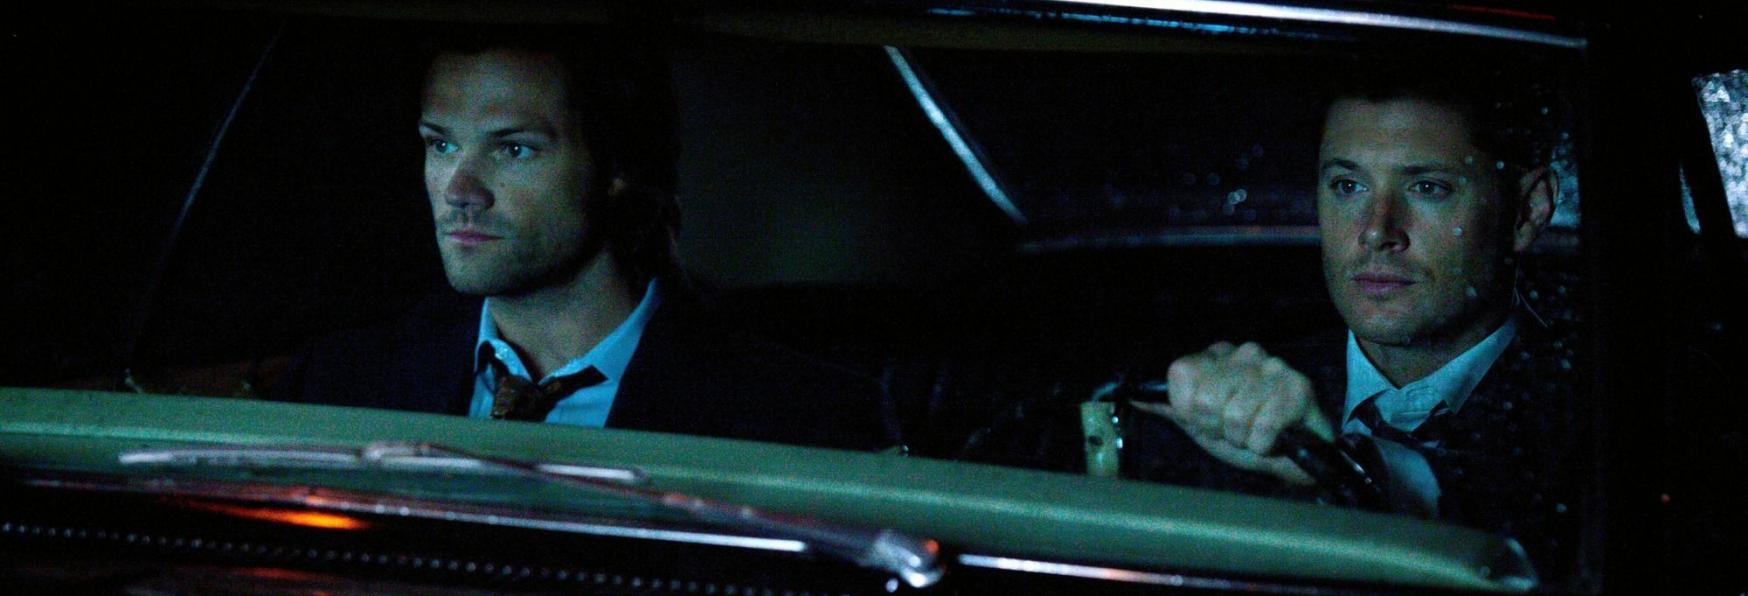 Supernatural 15: Le star della Serie Jensen Ackles e Jared Padalecki parlano del Finale di Stagione